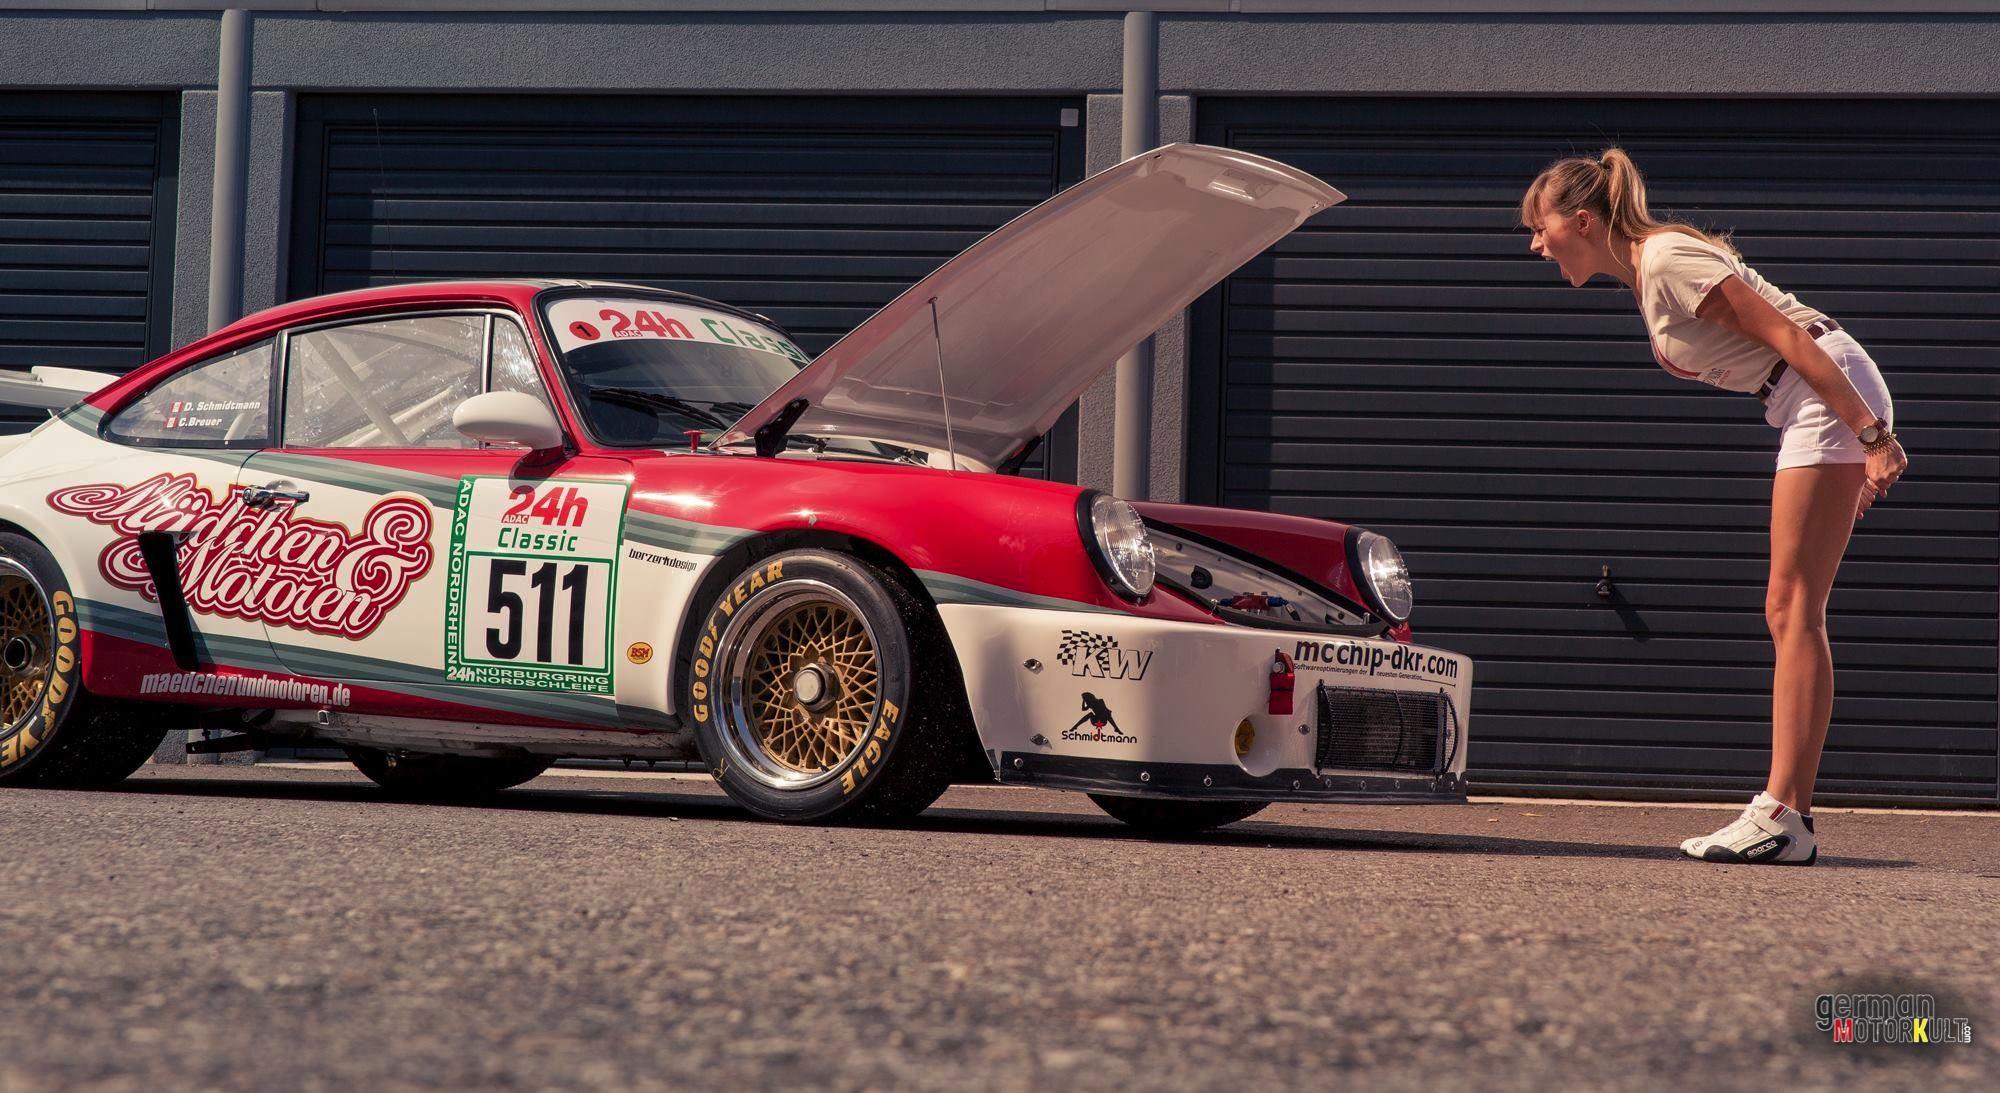 Porsche-911-RSR-INGE-Maedchen-Motoren-3